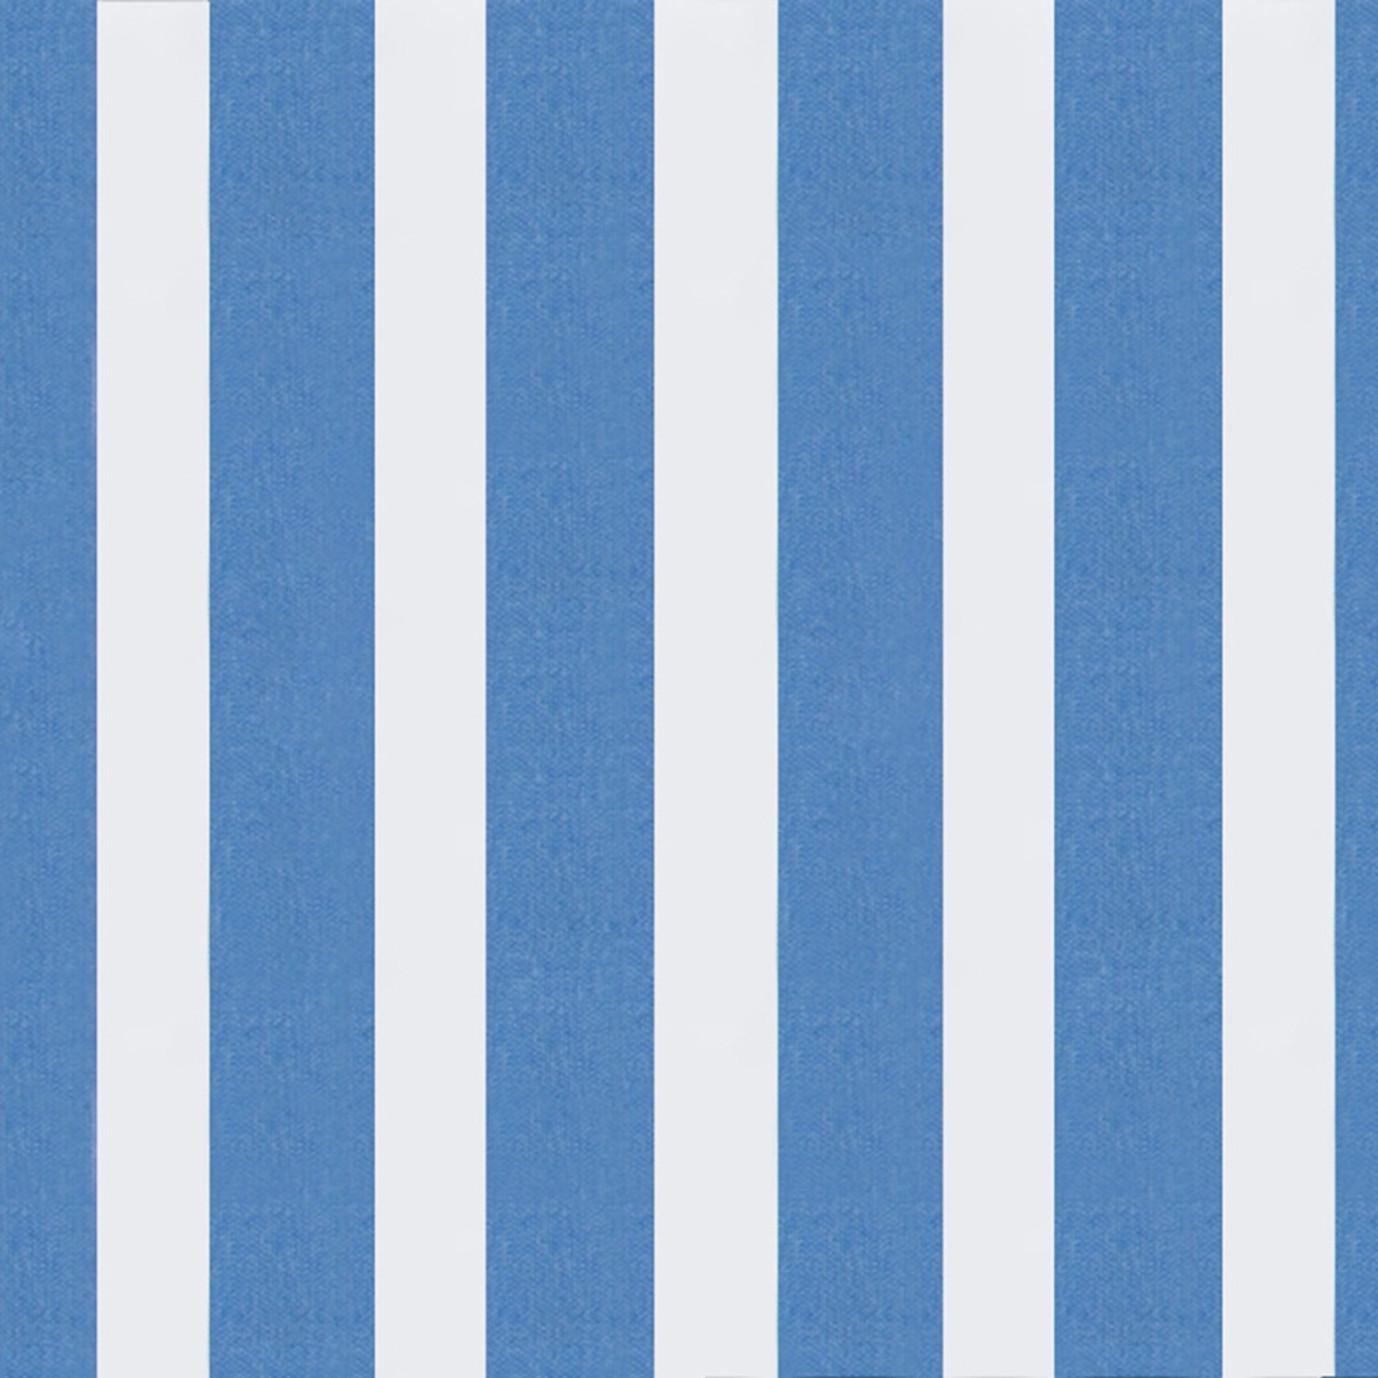 Deco™ 9 Piece Dining Set - Regatta Blue